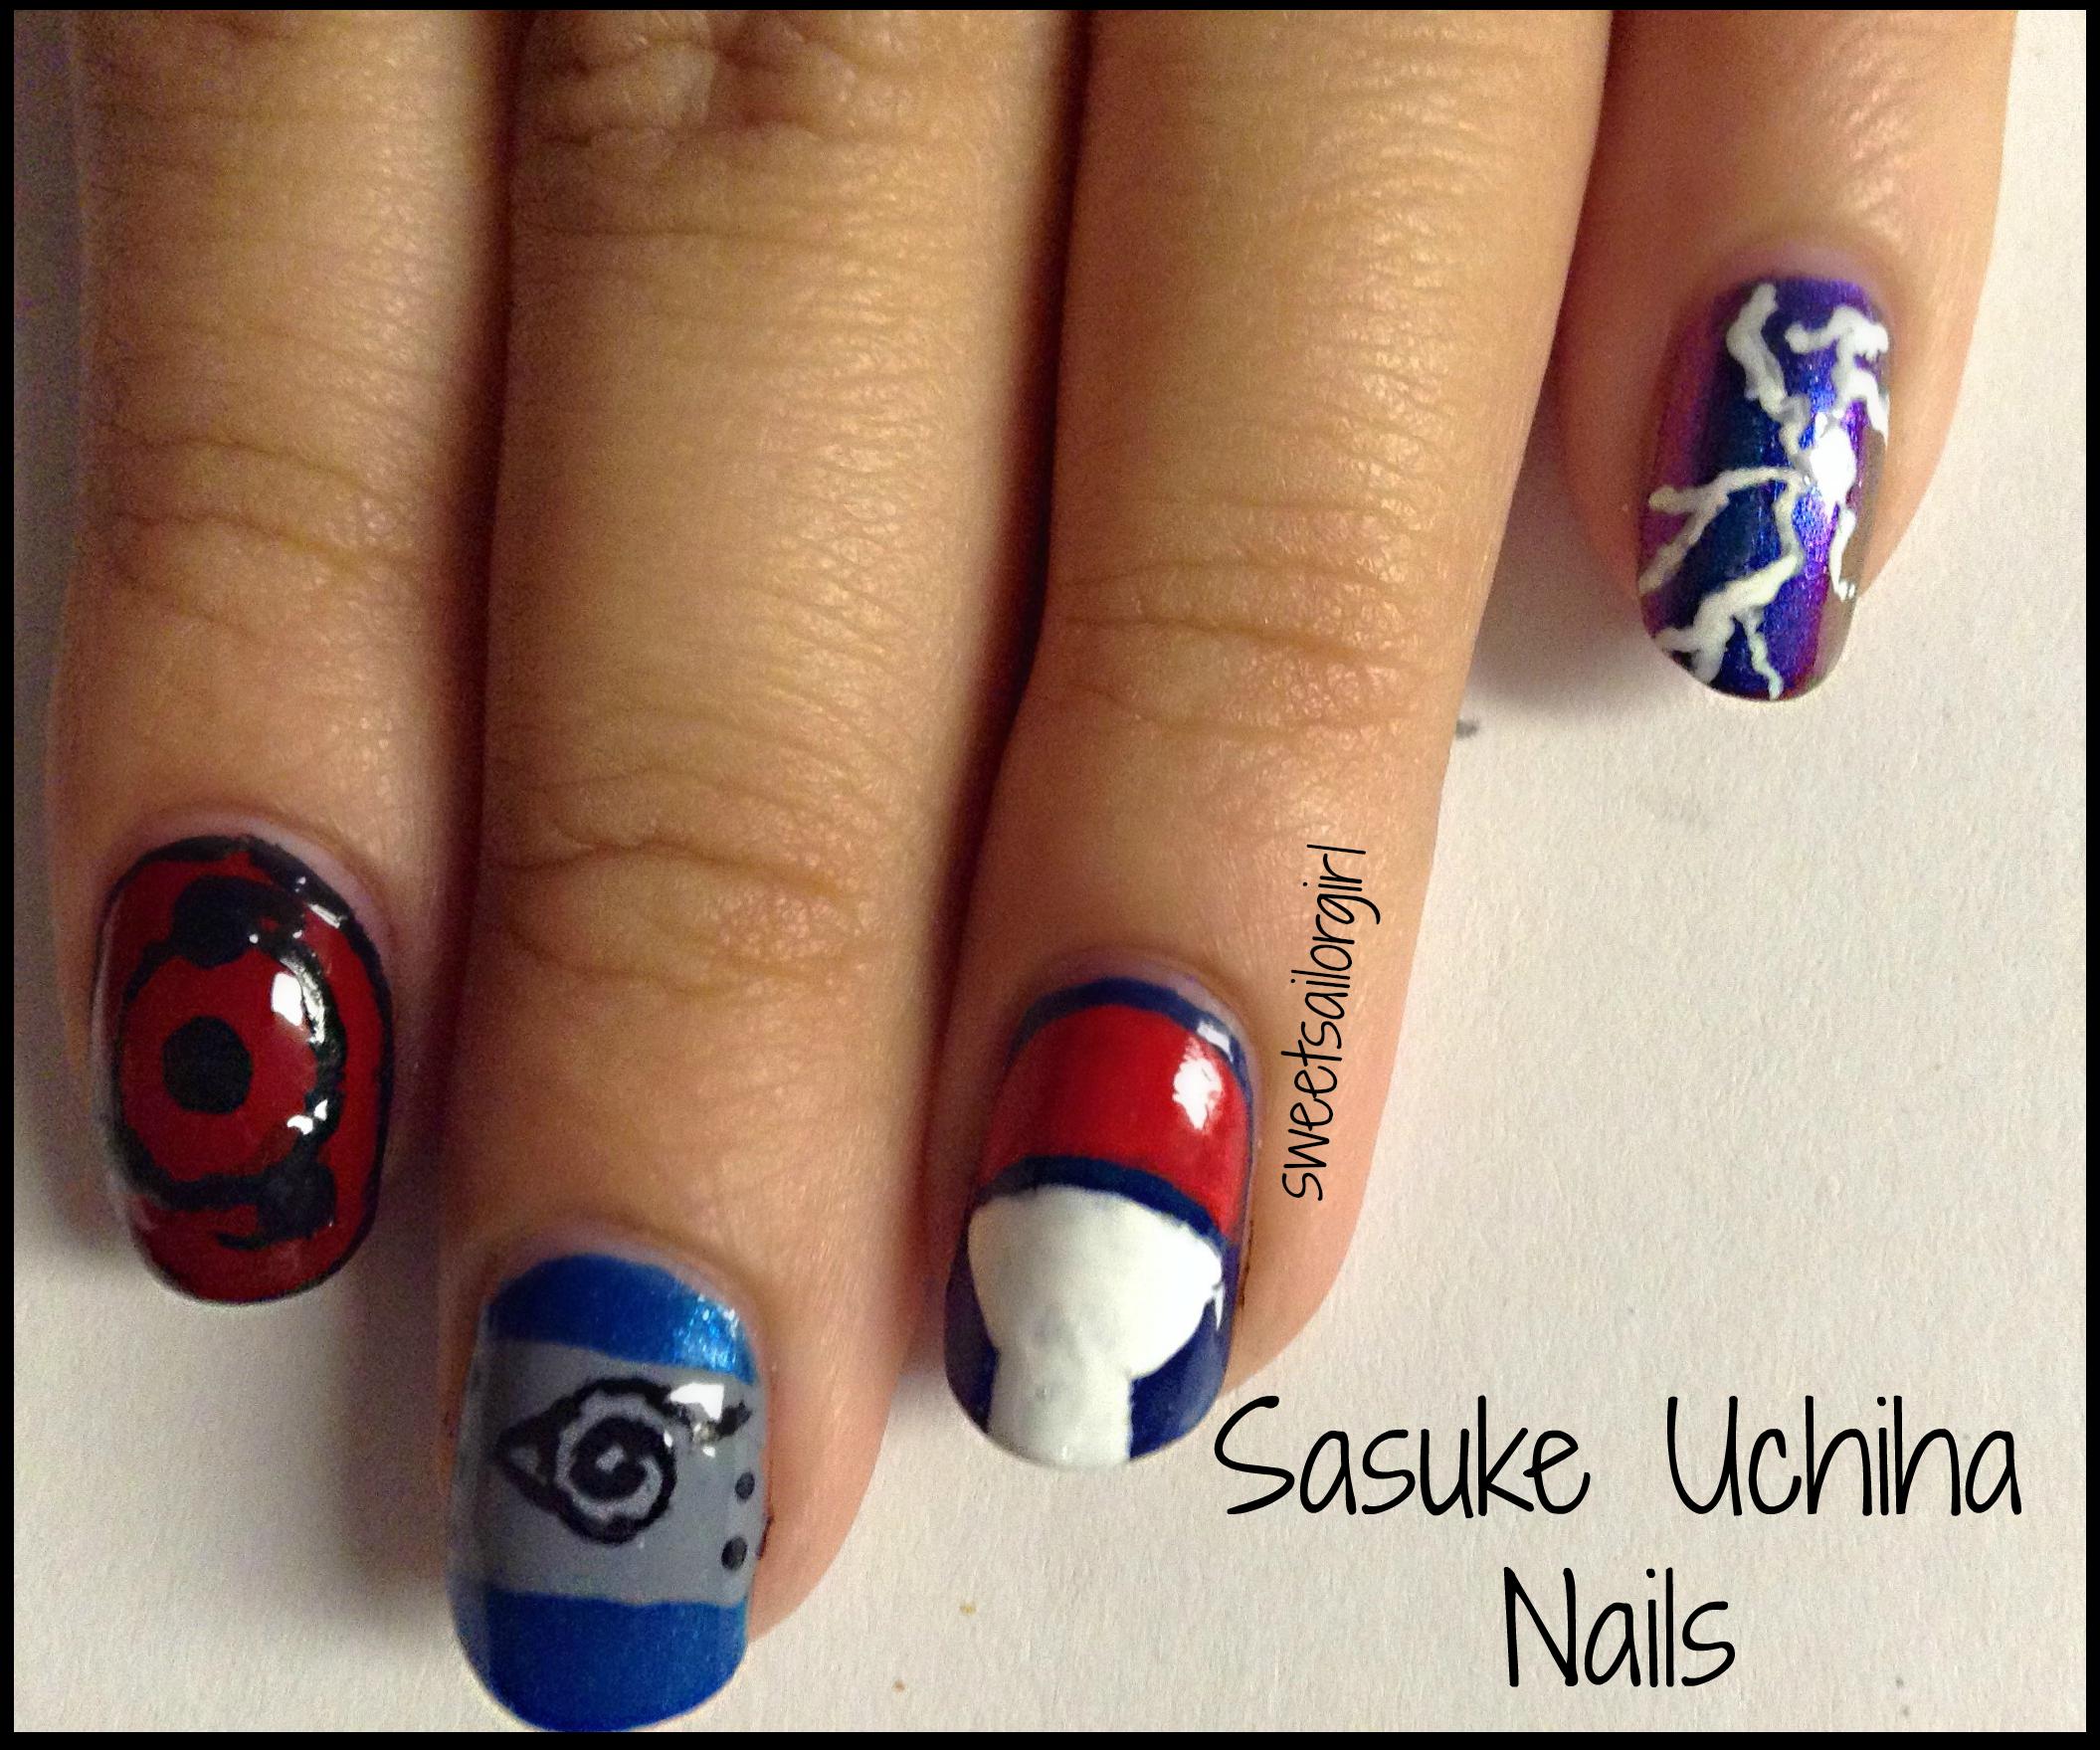 Sasuke Uchiha Nail Art | Uchiha | Pinterest | Sasuke uchiha, Sasuke ...